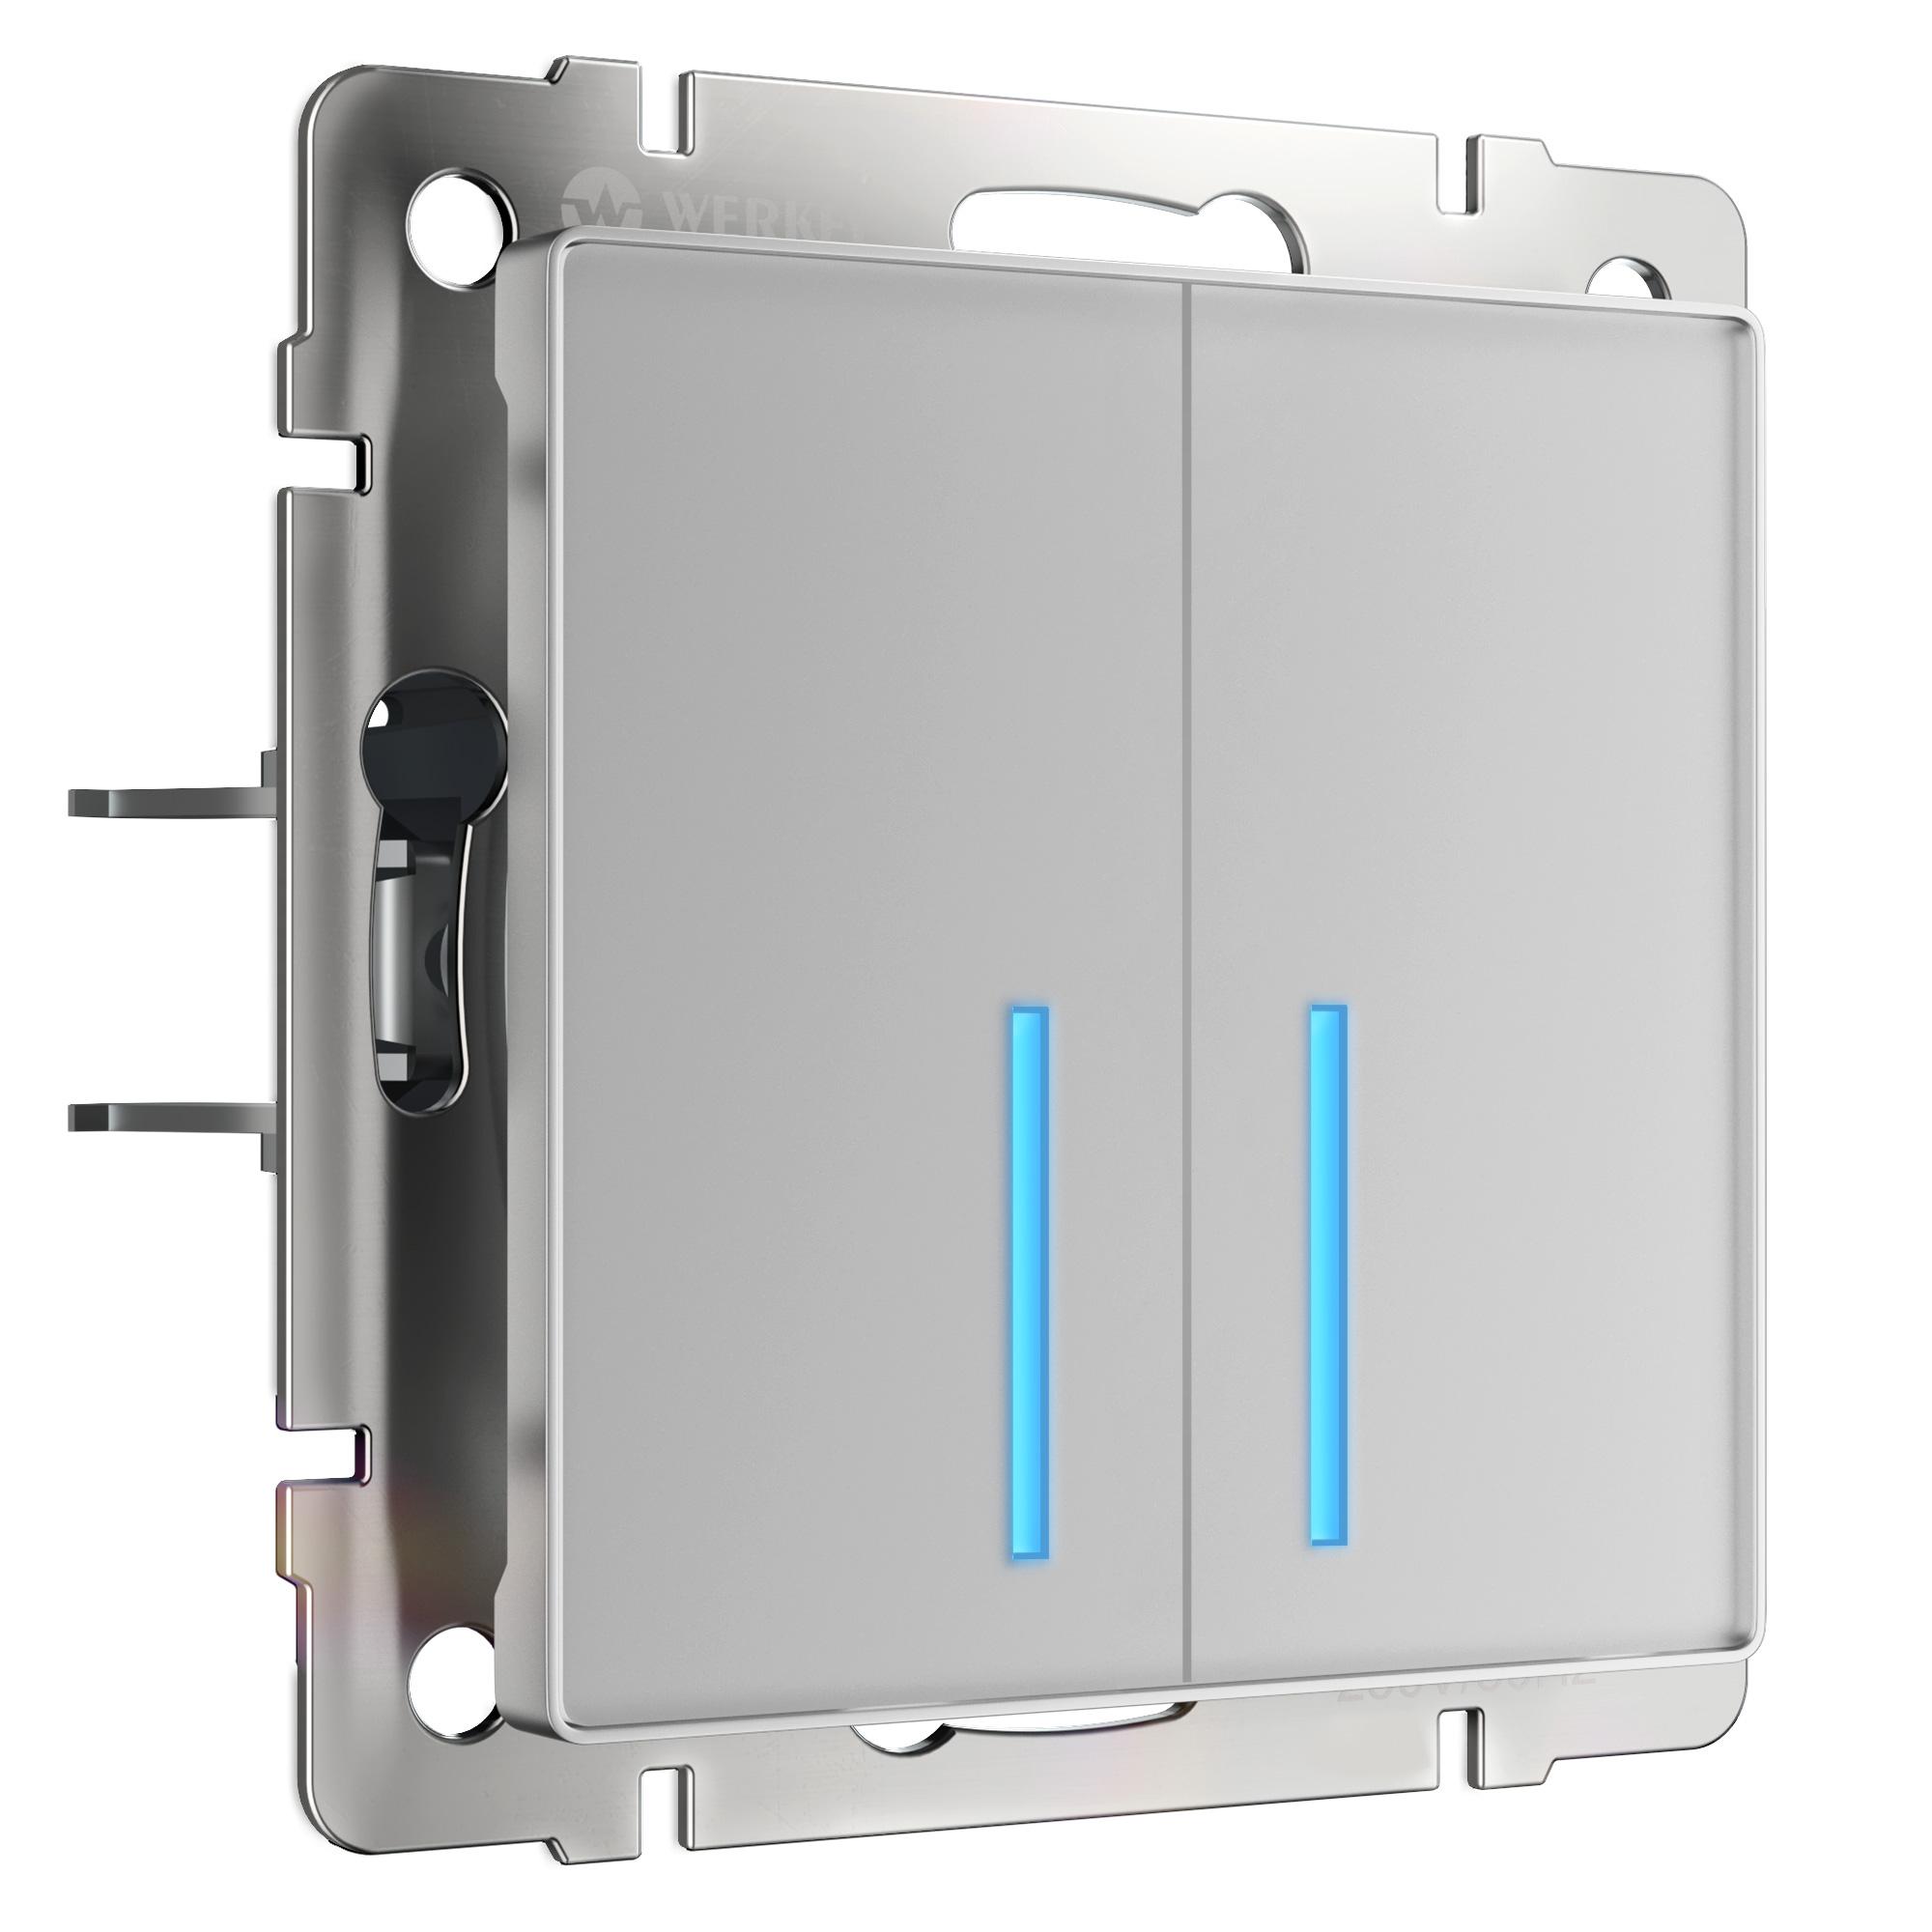 Сенсорный выключатель двухклавишный с управлением по Wi-Fi (серебряный) W4520606